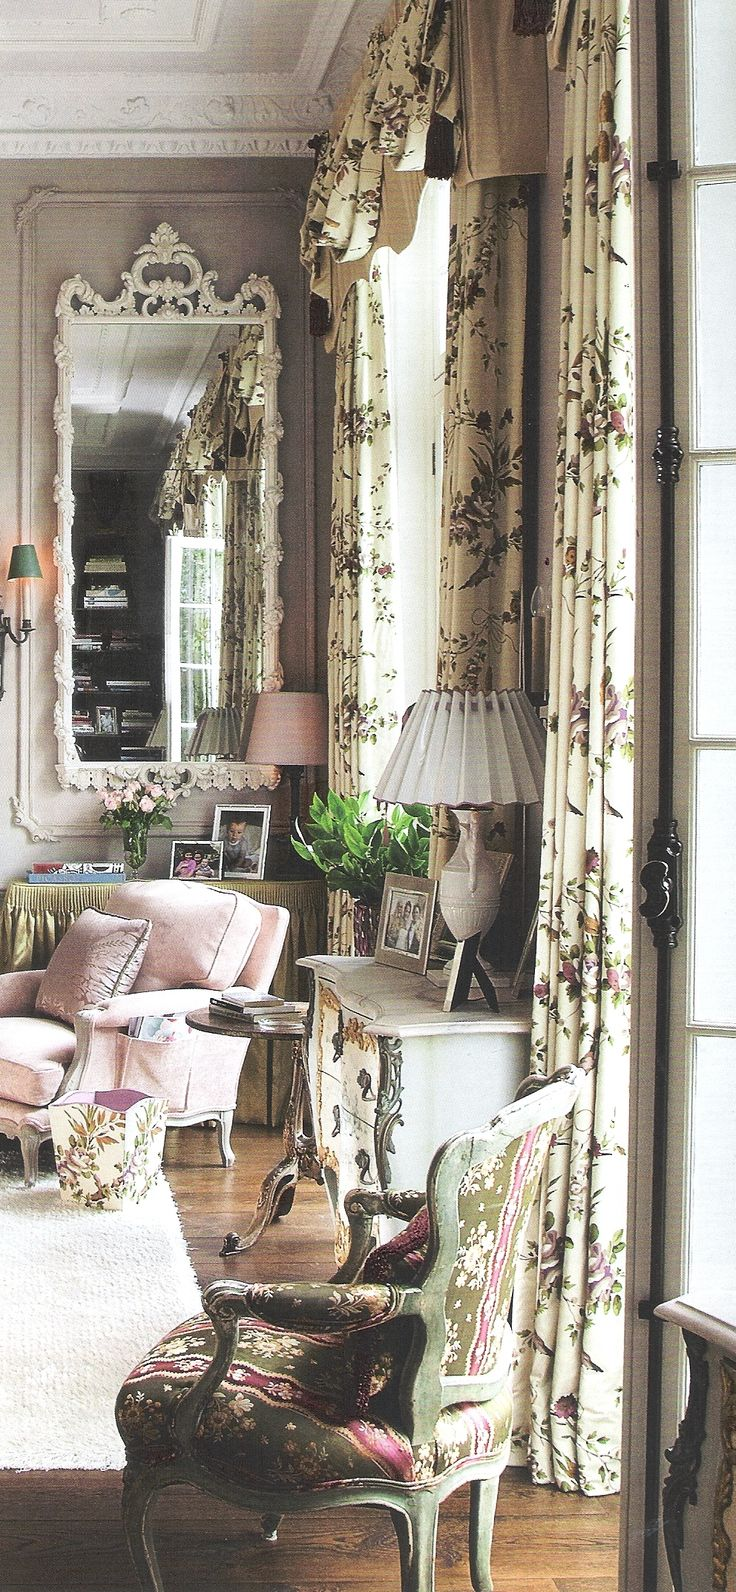 Wohnzimmerspiegel über couch die  besten bilder zu you go roccoco auf pinterest  purple home